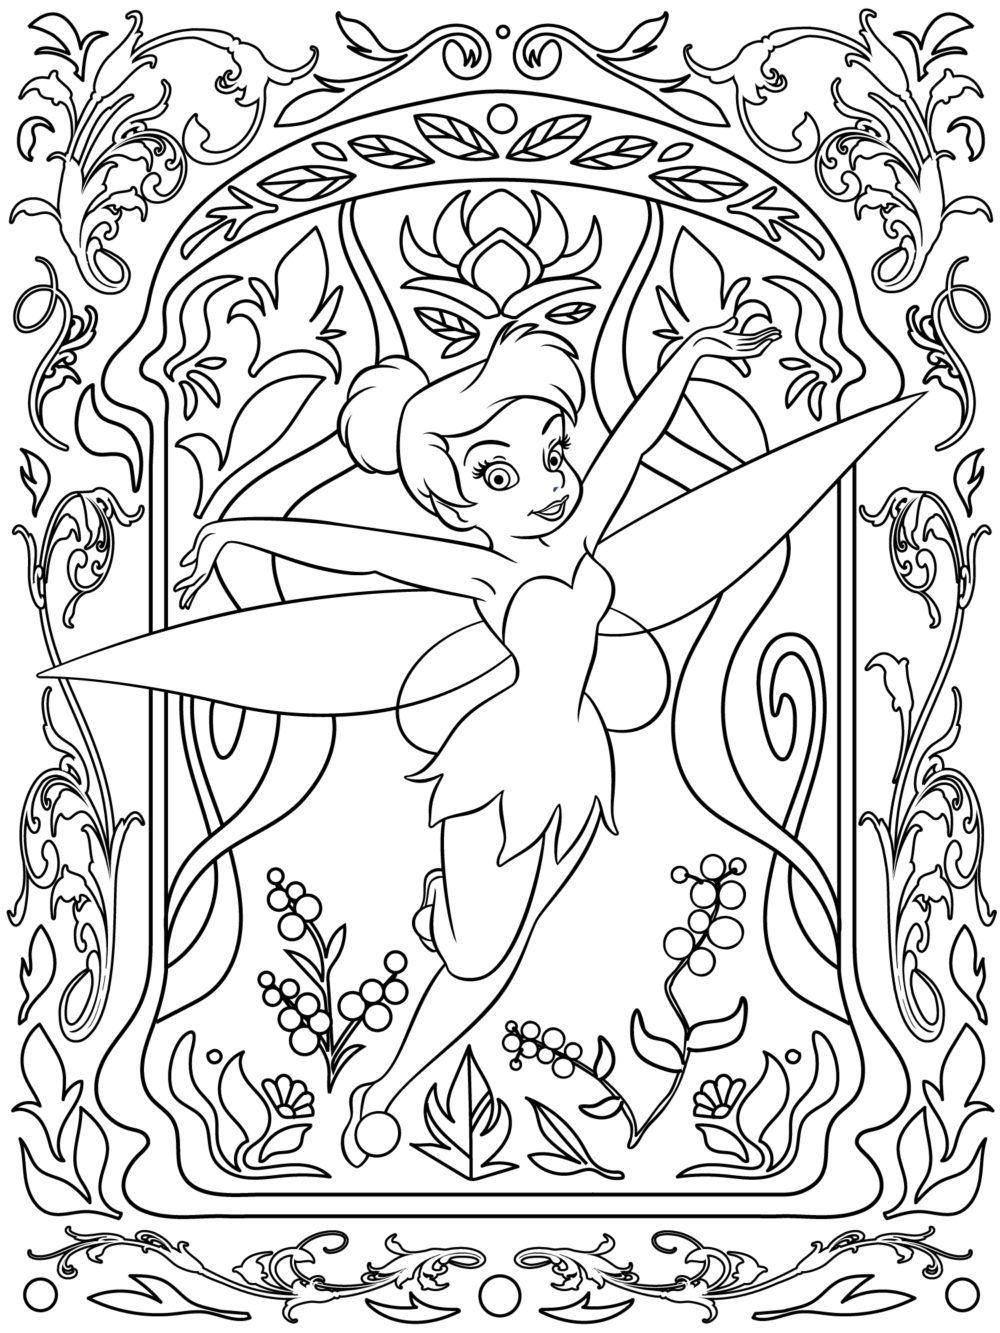 Ausmalbilder Erwachsene Disney : Pin Von Shirley Scanlon Auf Coloring Pinterest Stempel Und Malen